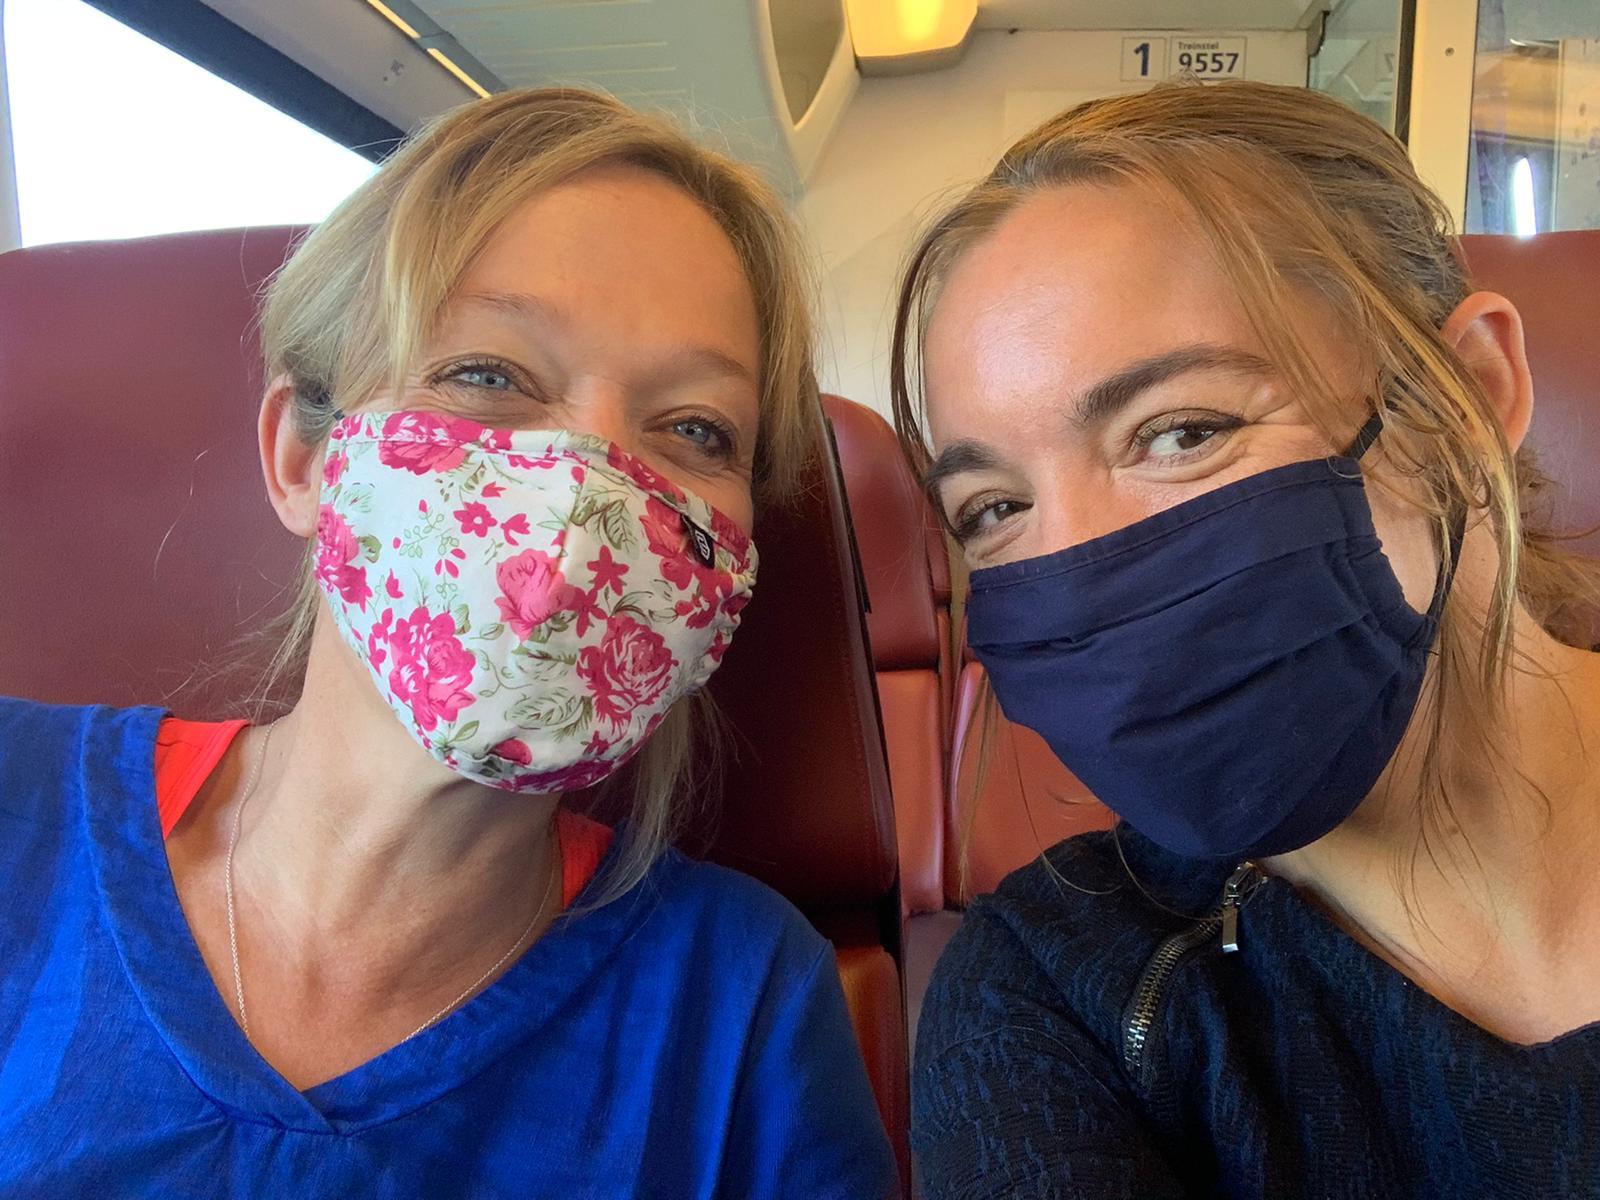 Dag van de Verpleging - in de trein